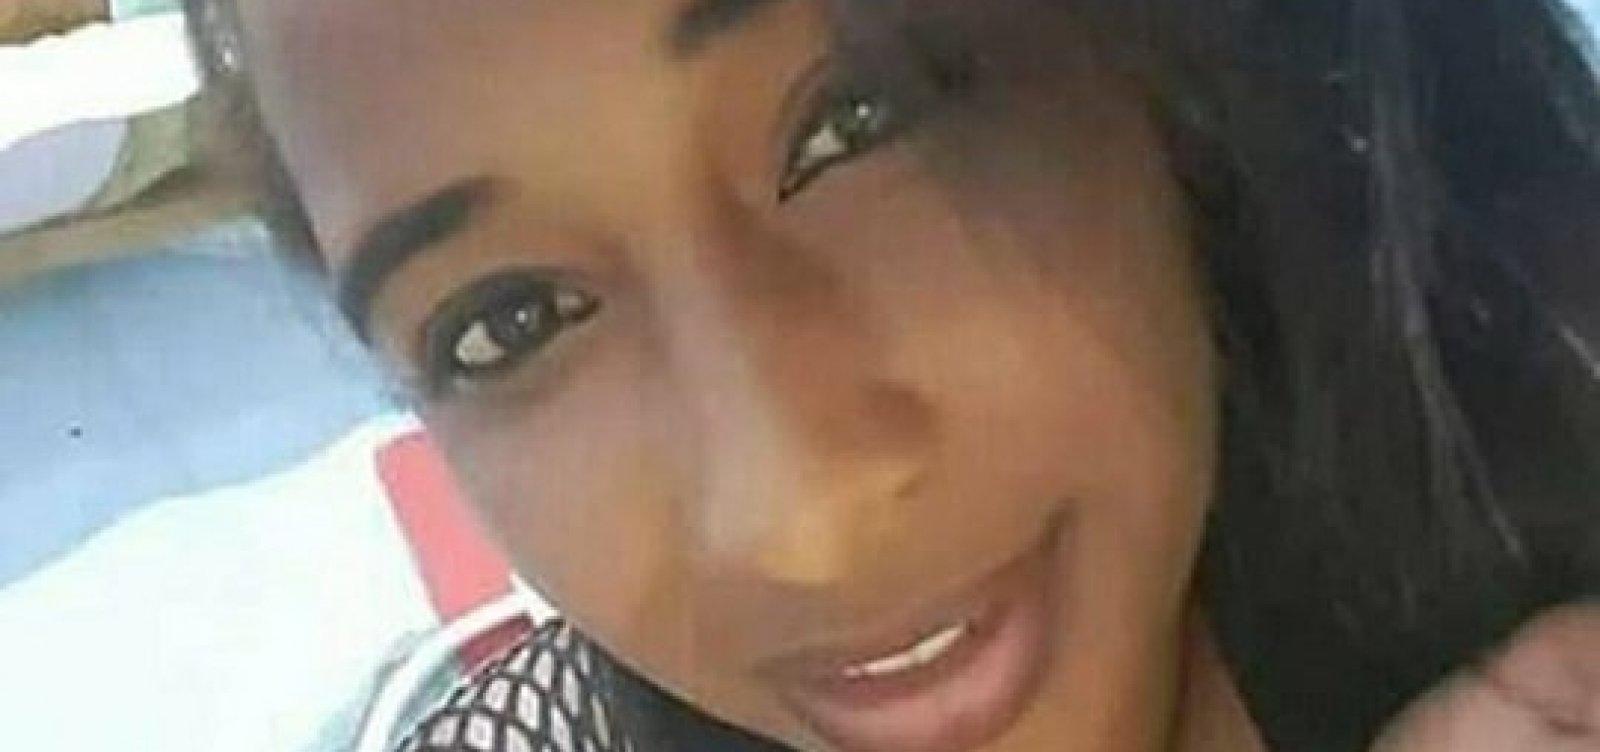 Vítima de violência doméstica, mulher de 26 anos morre na Barra